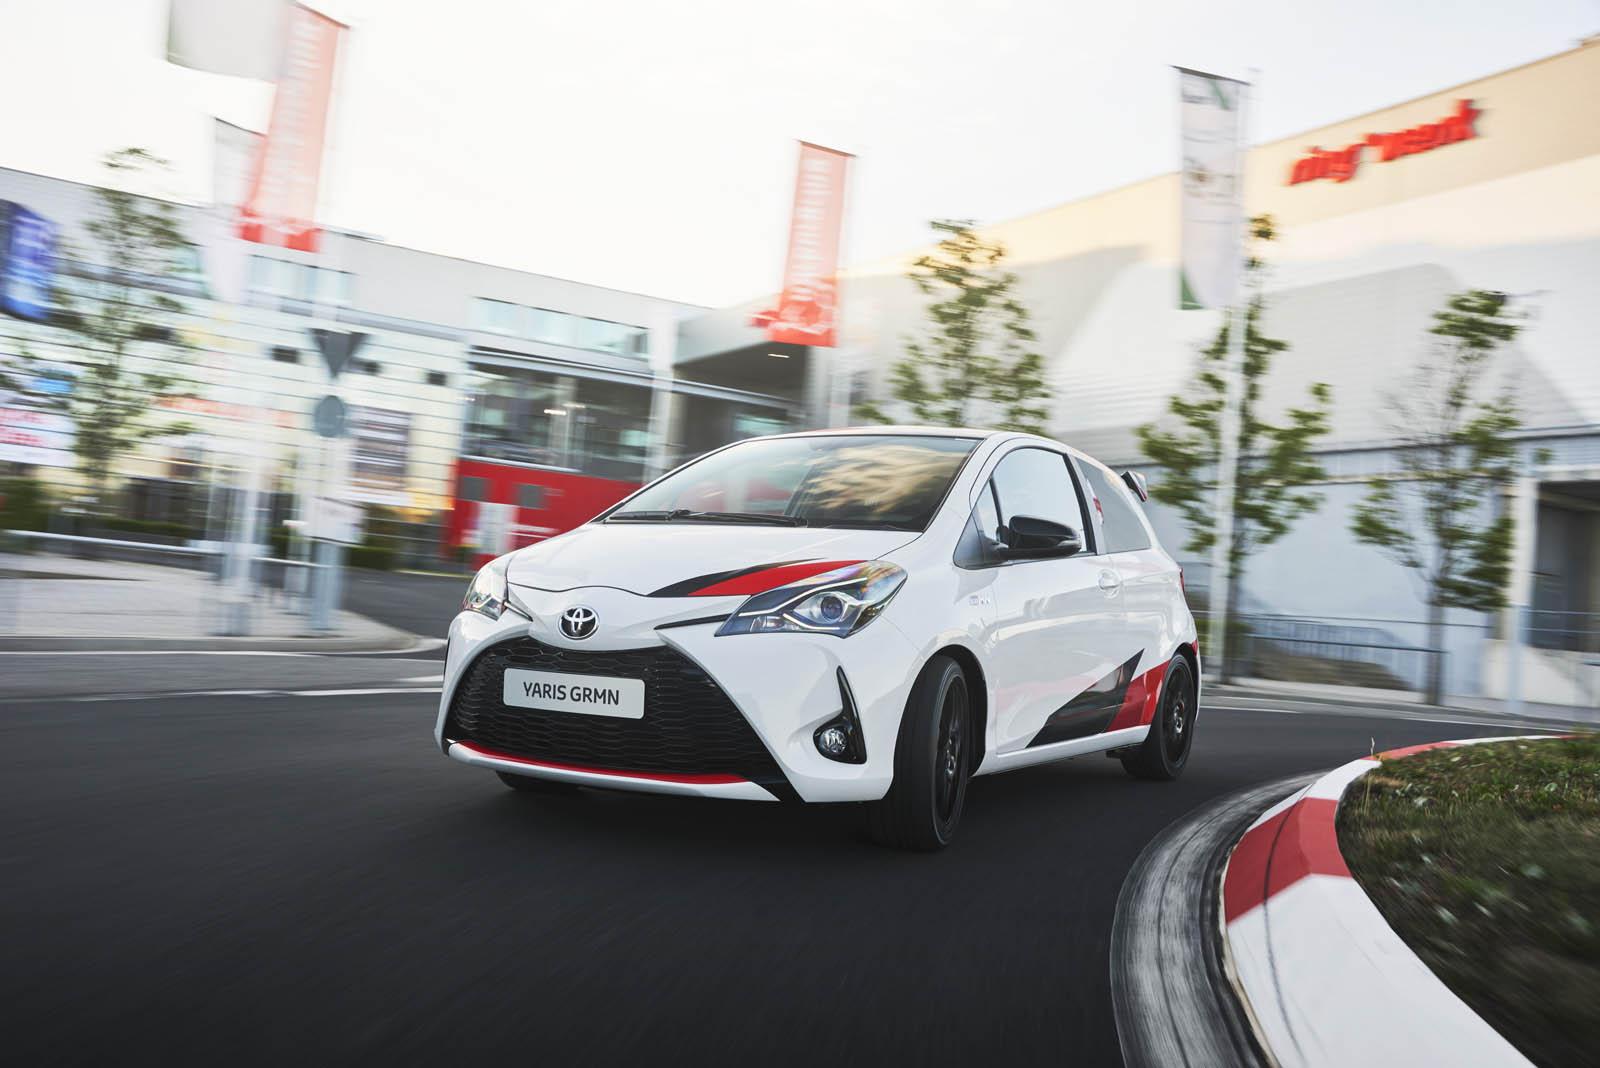 Toyota Yaris GRMN (11)